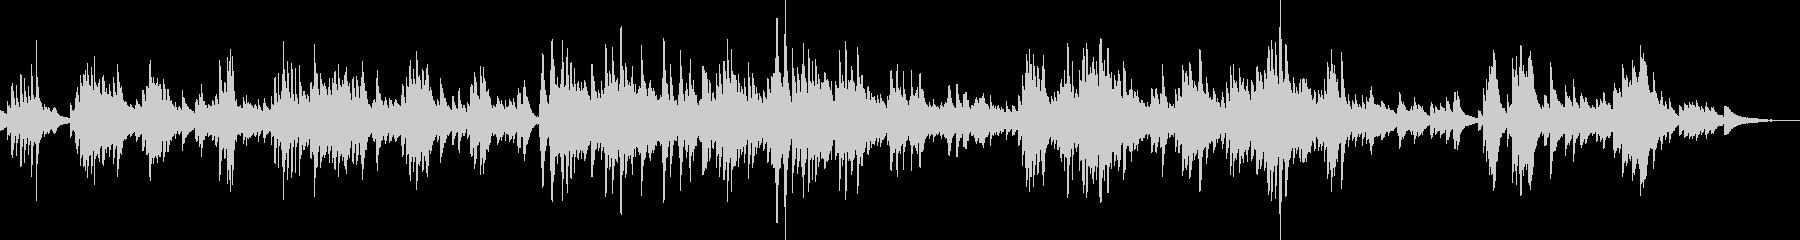 大人の哀愁漂うピアノ曲の未再生の波形